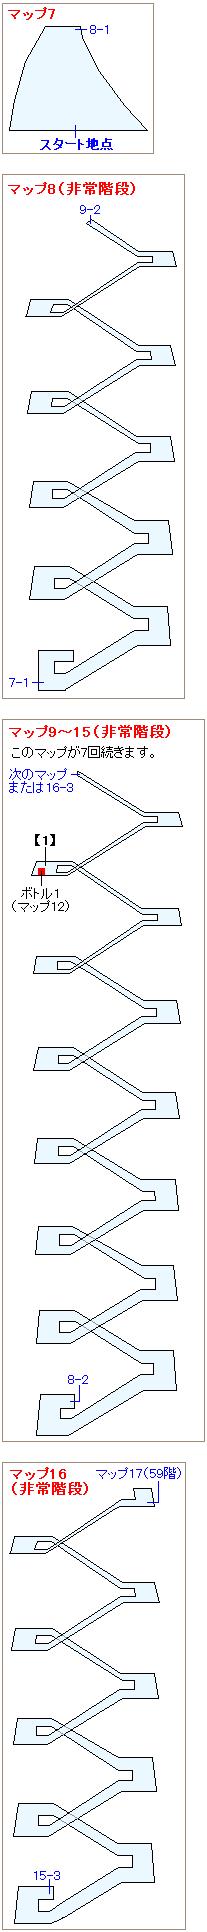 ストーリー攻略マップ・神羅ビル(3)